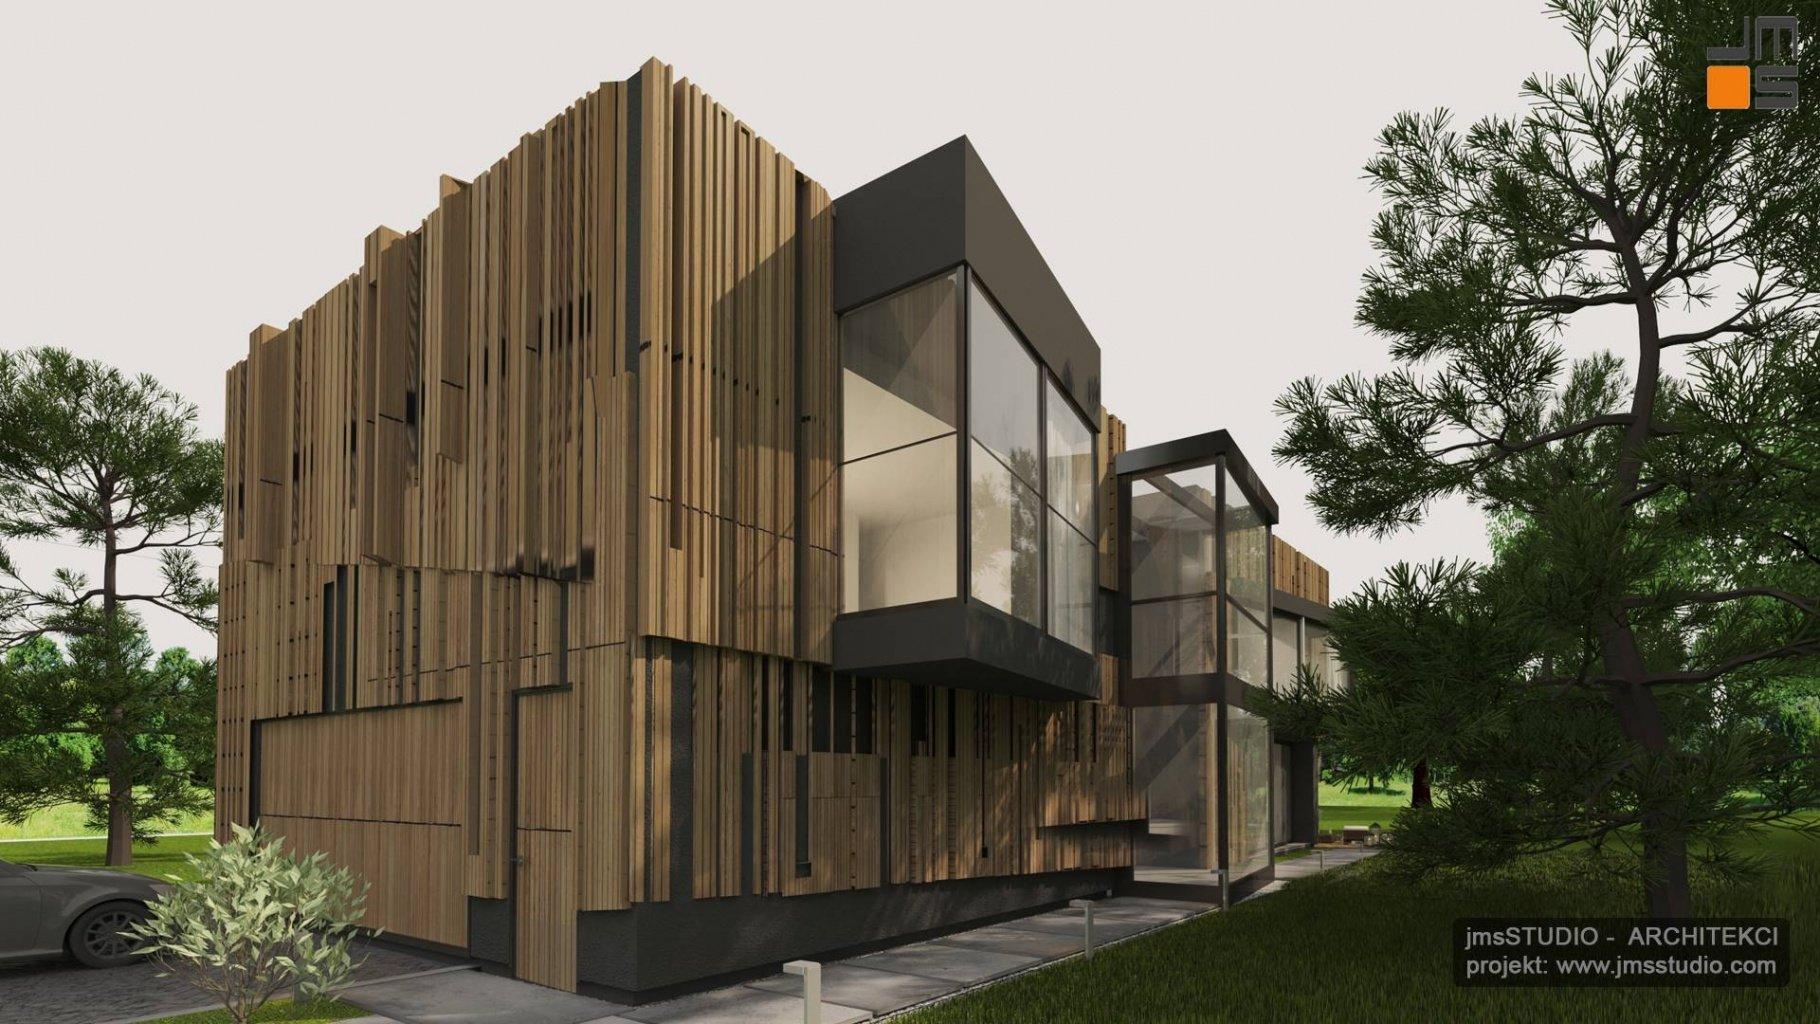 Inny niż wszystkie - projekt nowoczesnego domu z drewnianą elewacją i dużymi oknami w Katowicach na Śląsku